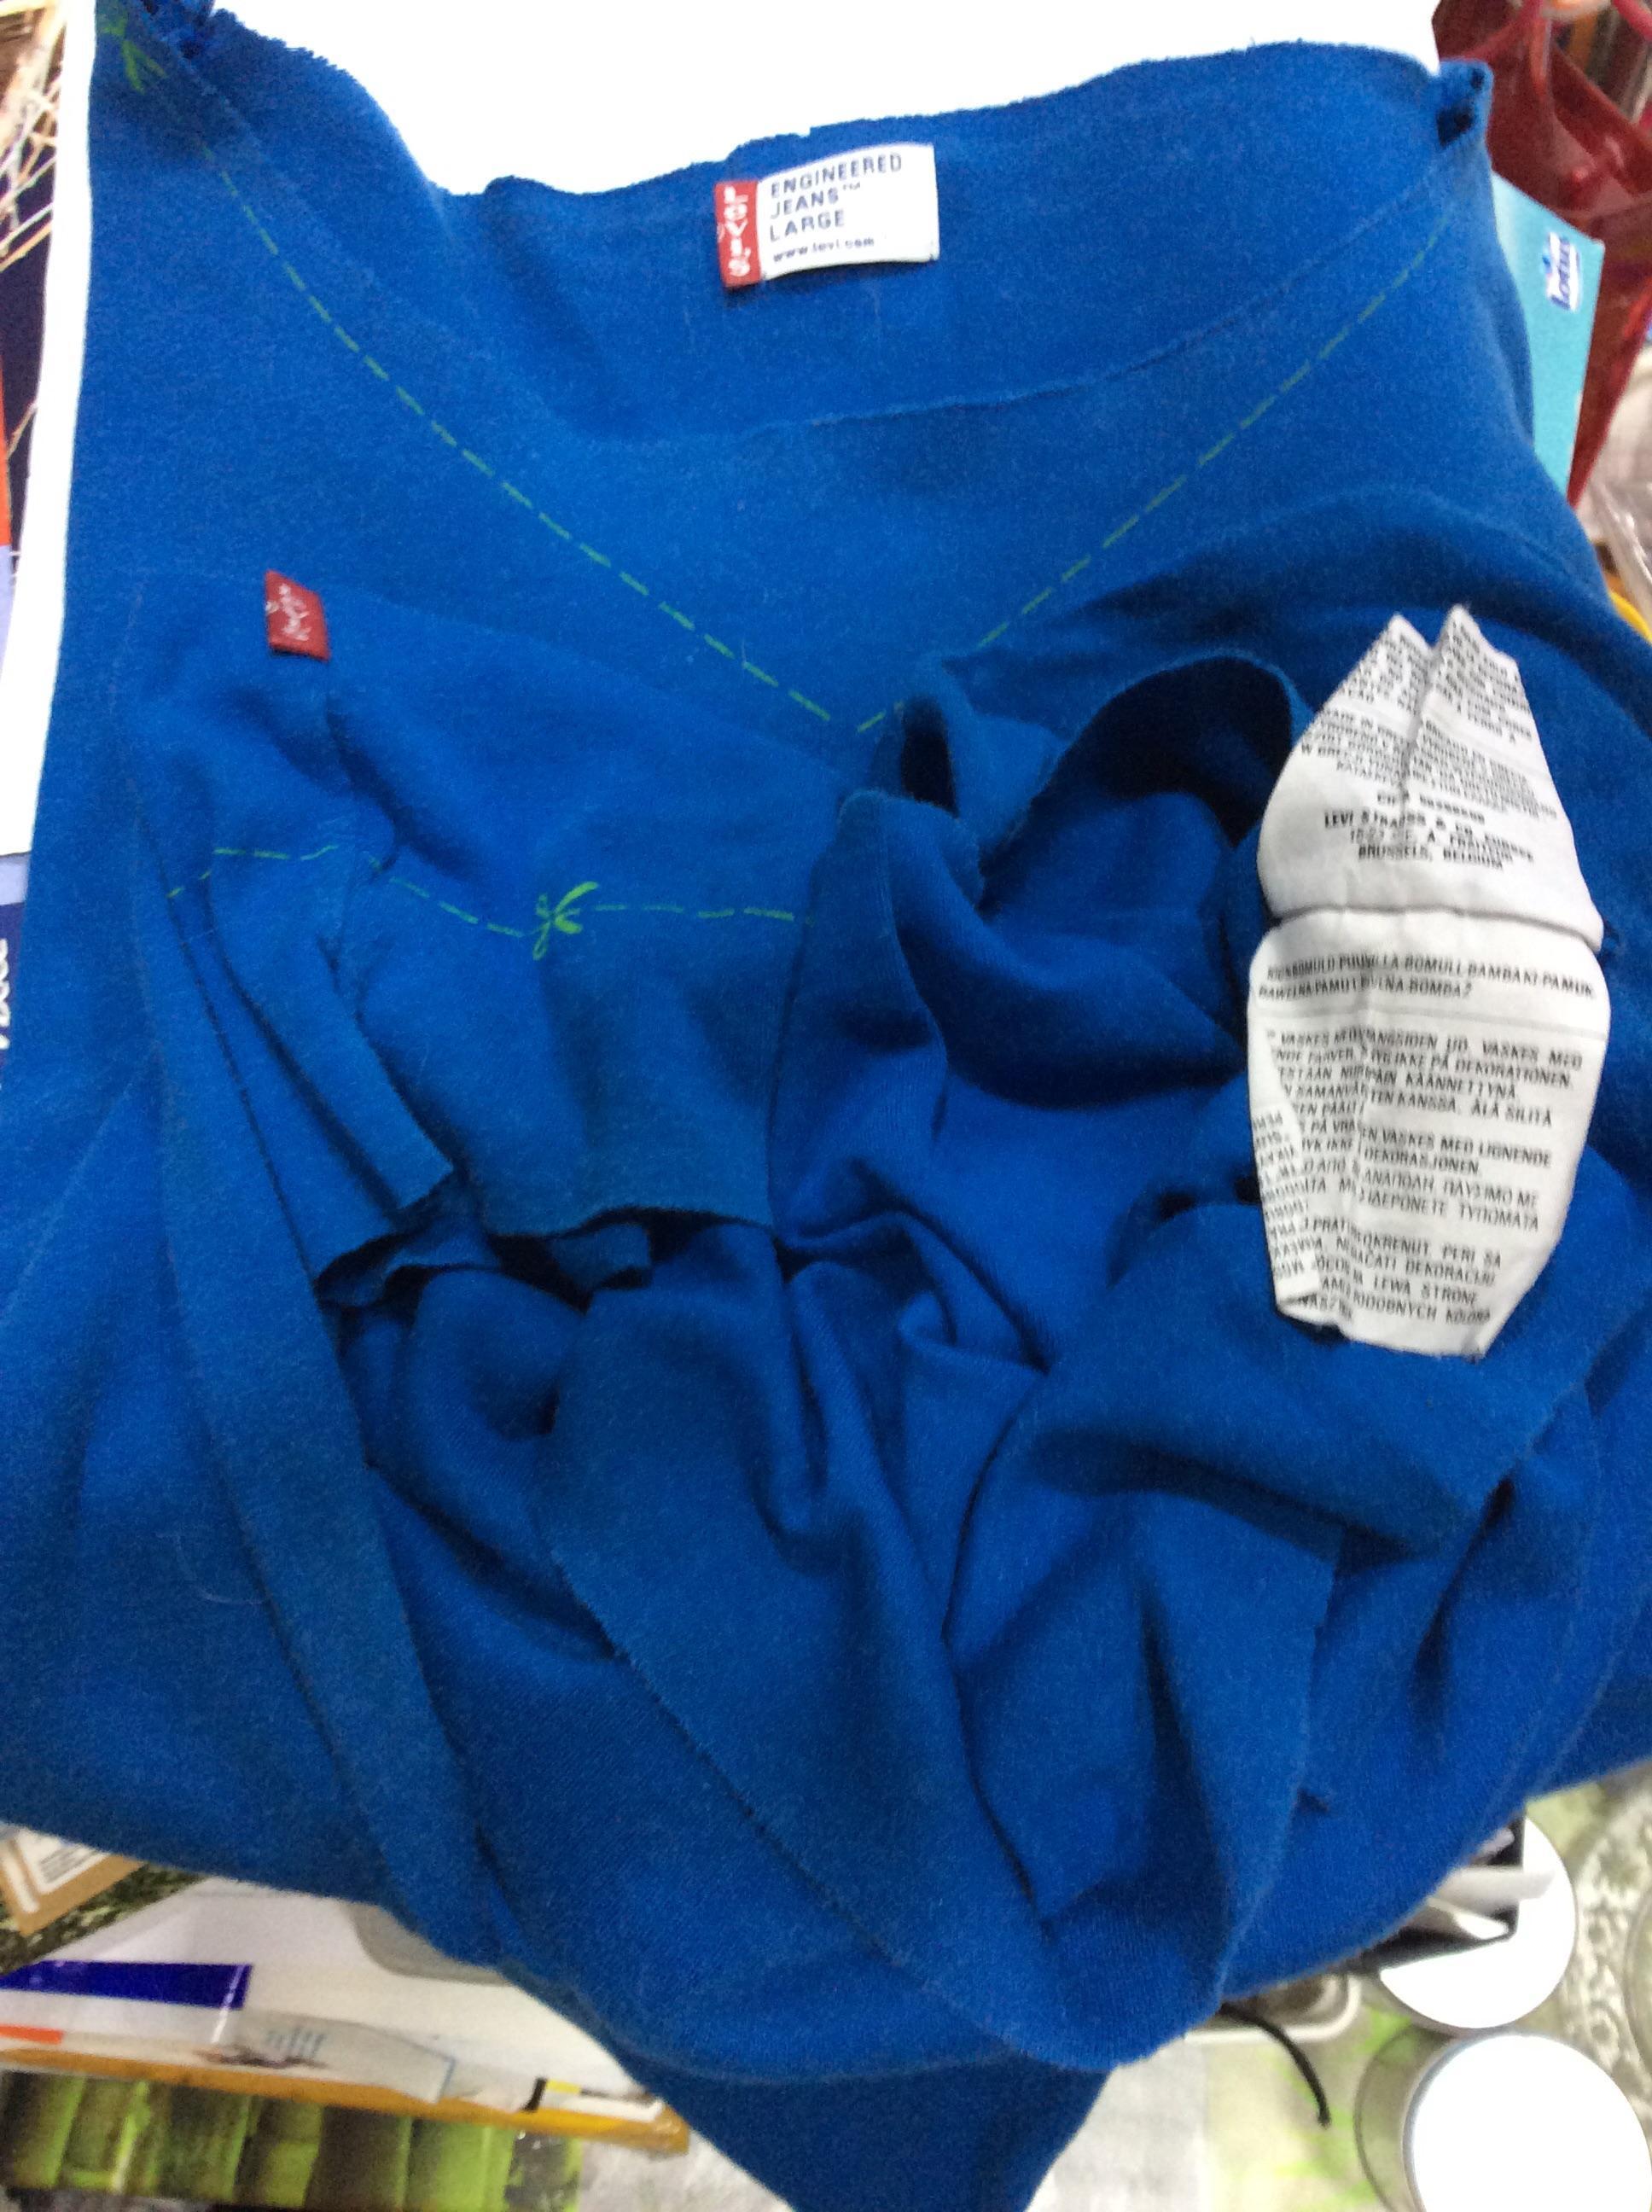 troc de troc t shirt levi's engineering jeans large années 90 manches longues image 2